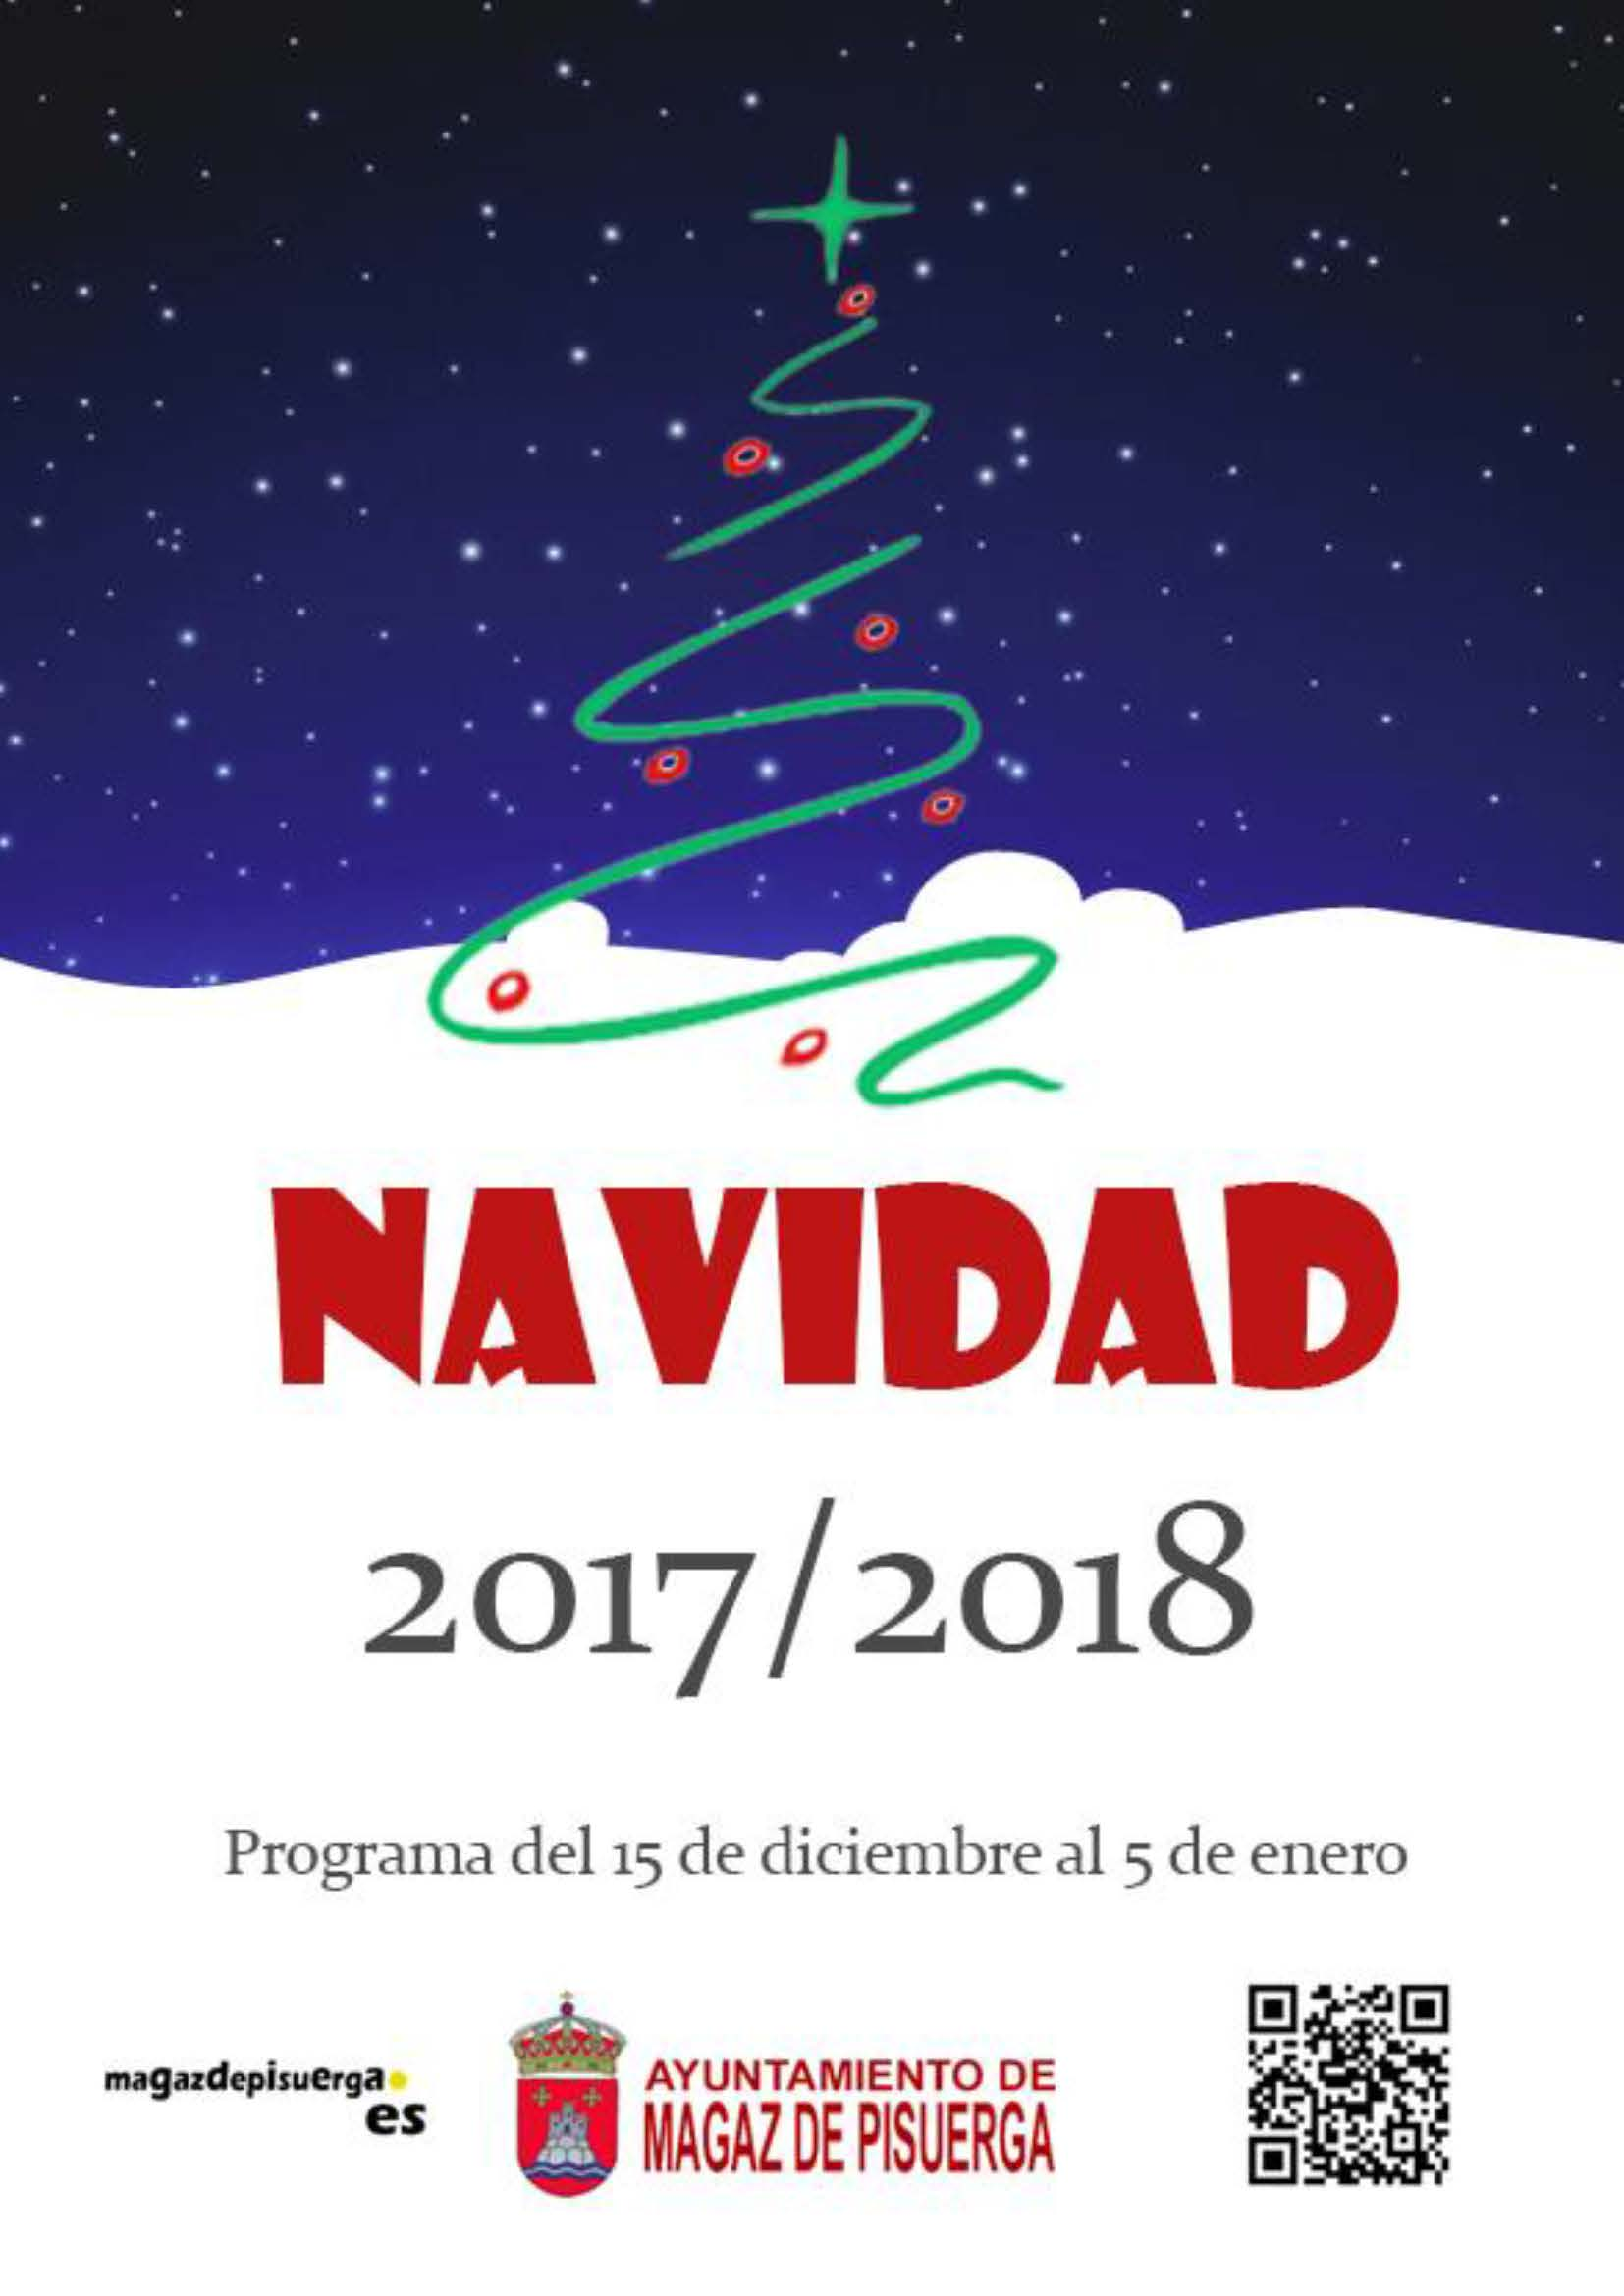 Programa de Navidad 2017/2018